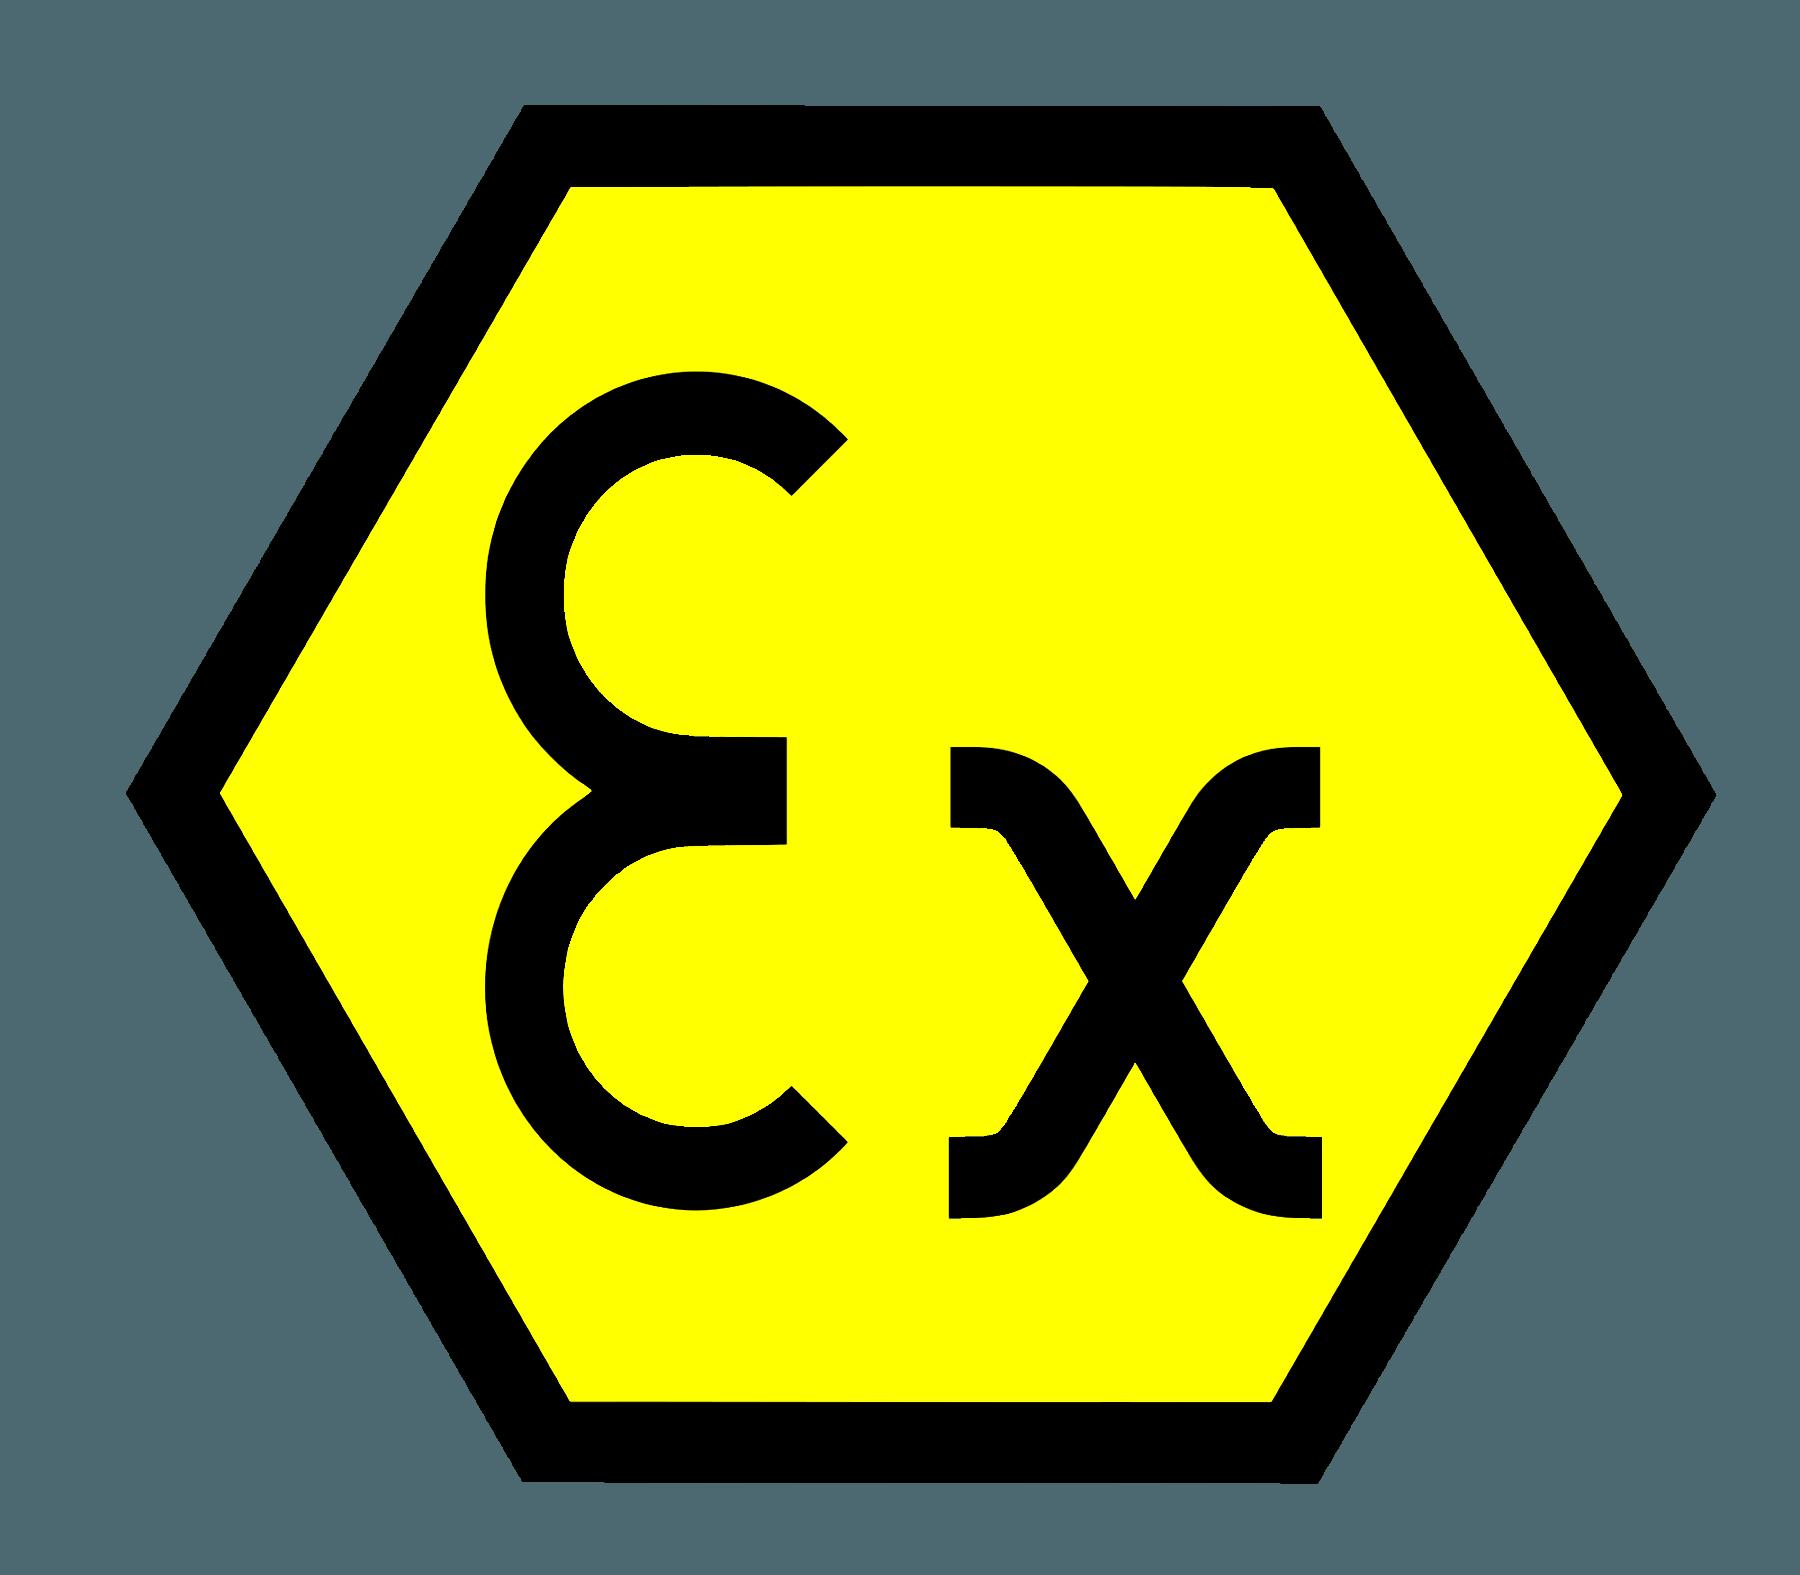 Ex Motor Repair